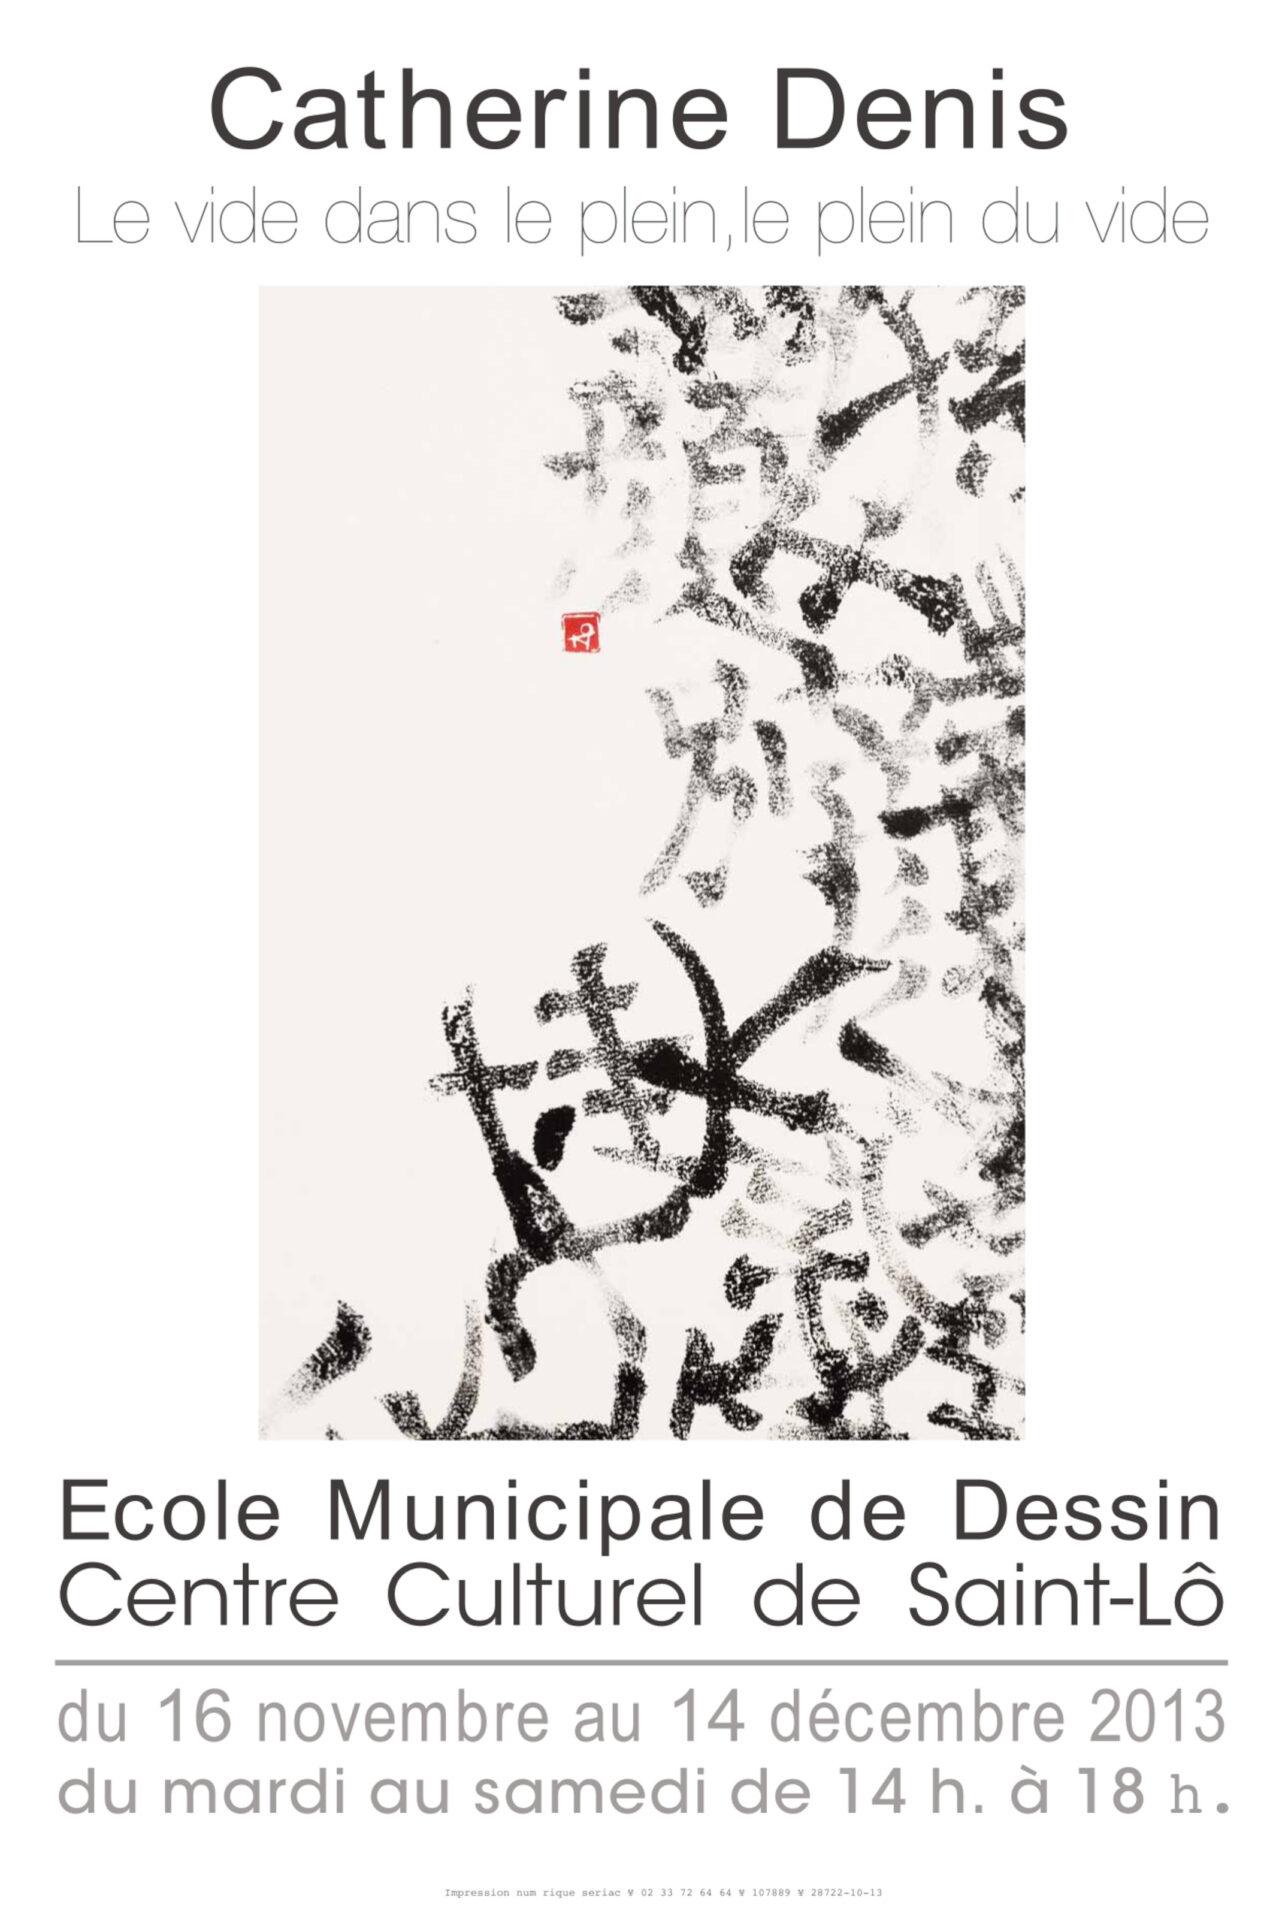 2013 - Centre Culturel de St-Lô (50)